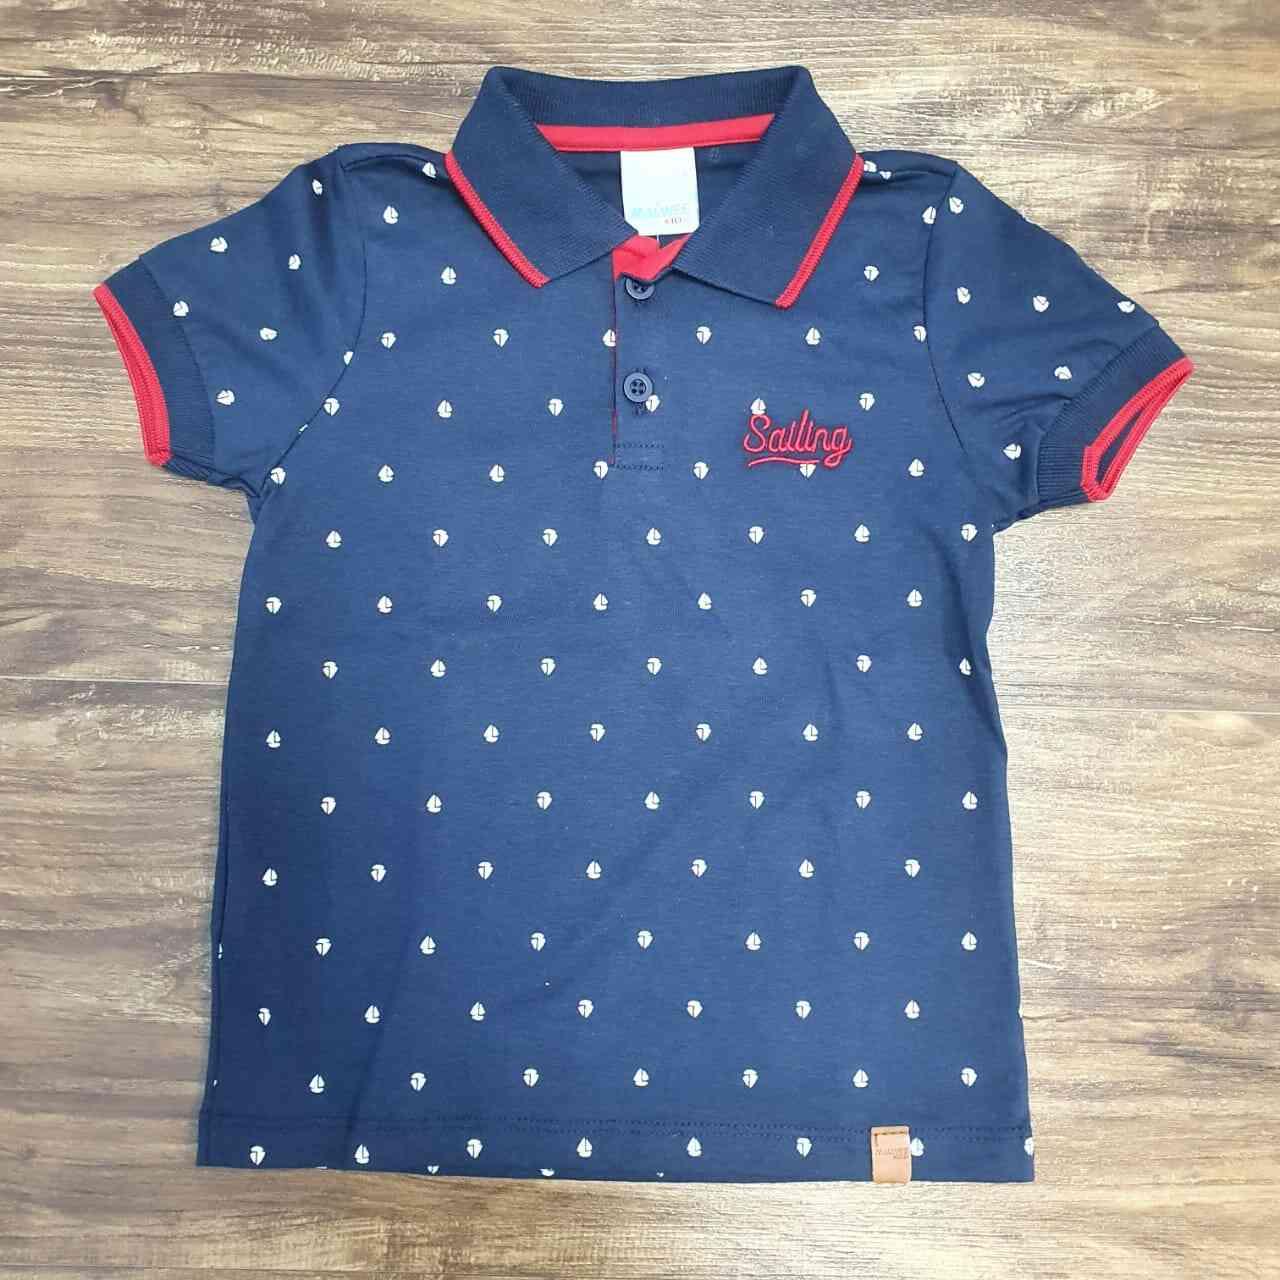 Camisa Polo Sailing Infantil